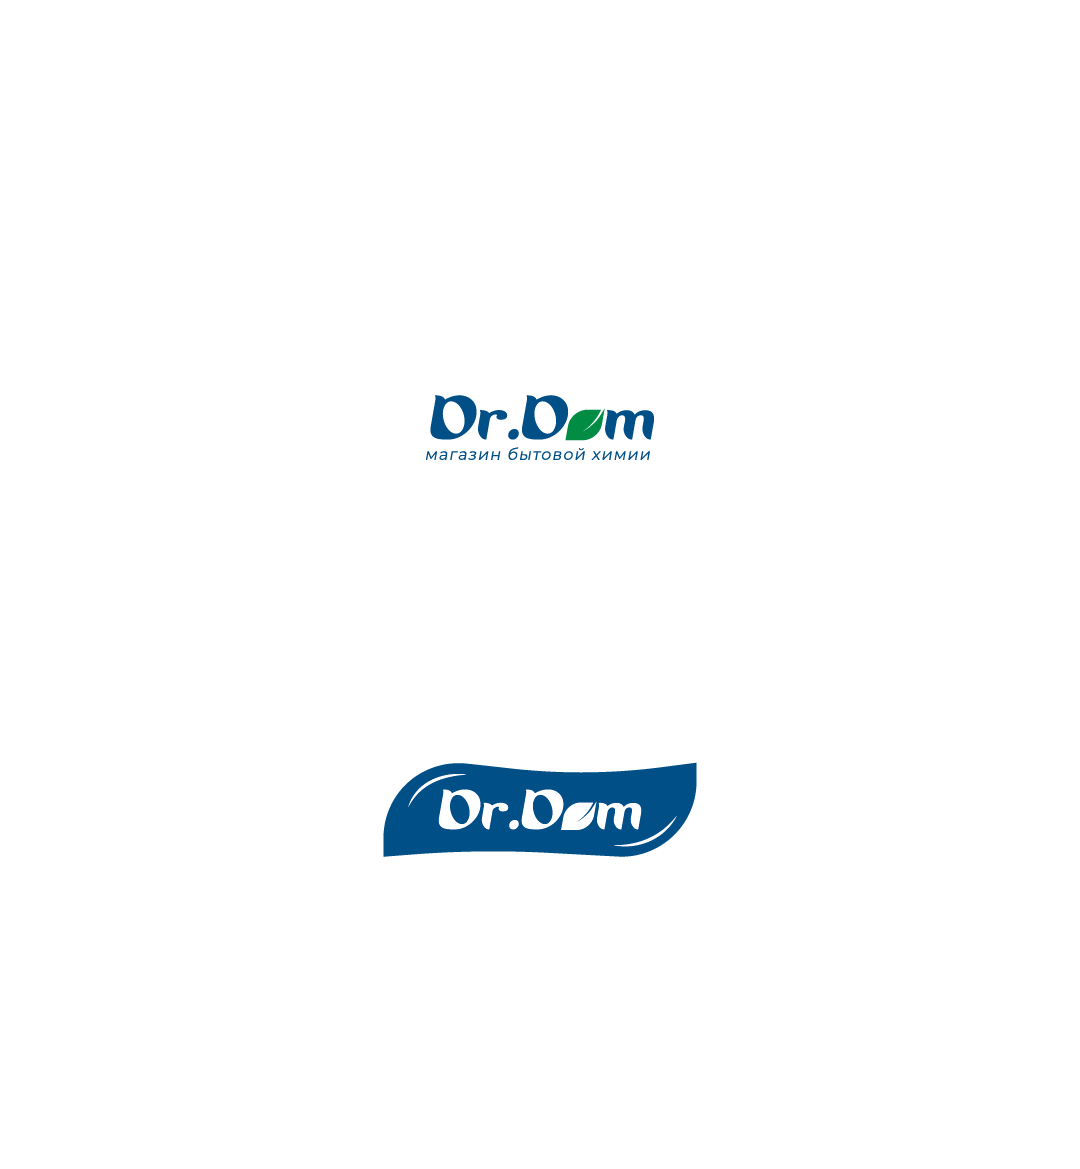 Разработать логотип для сети магазинов бытовой химии и товаров для уборки фото f_0616015448d666c6.png